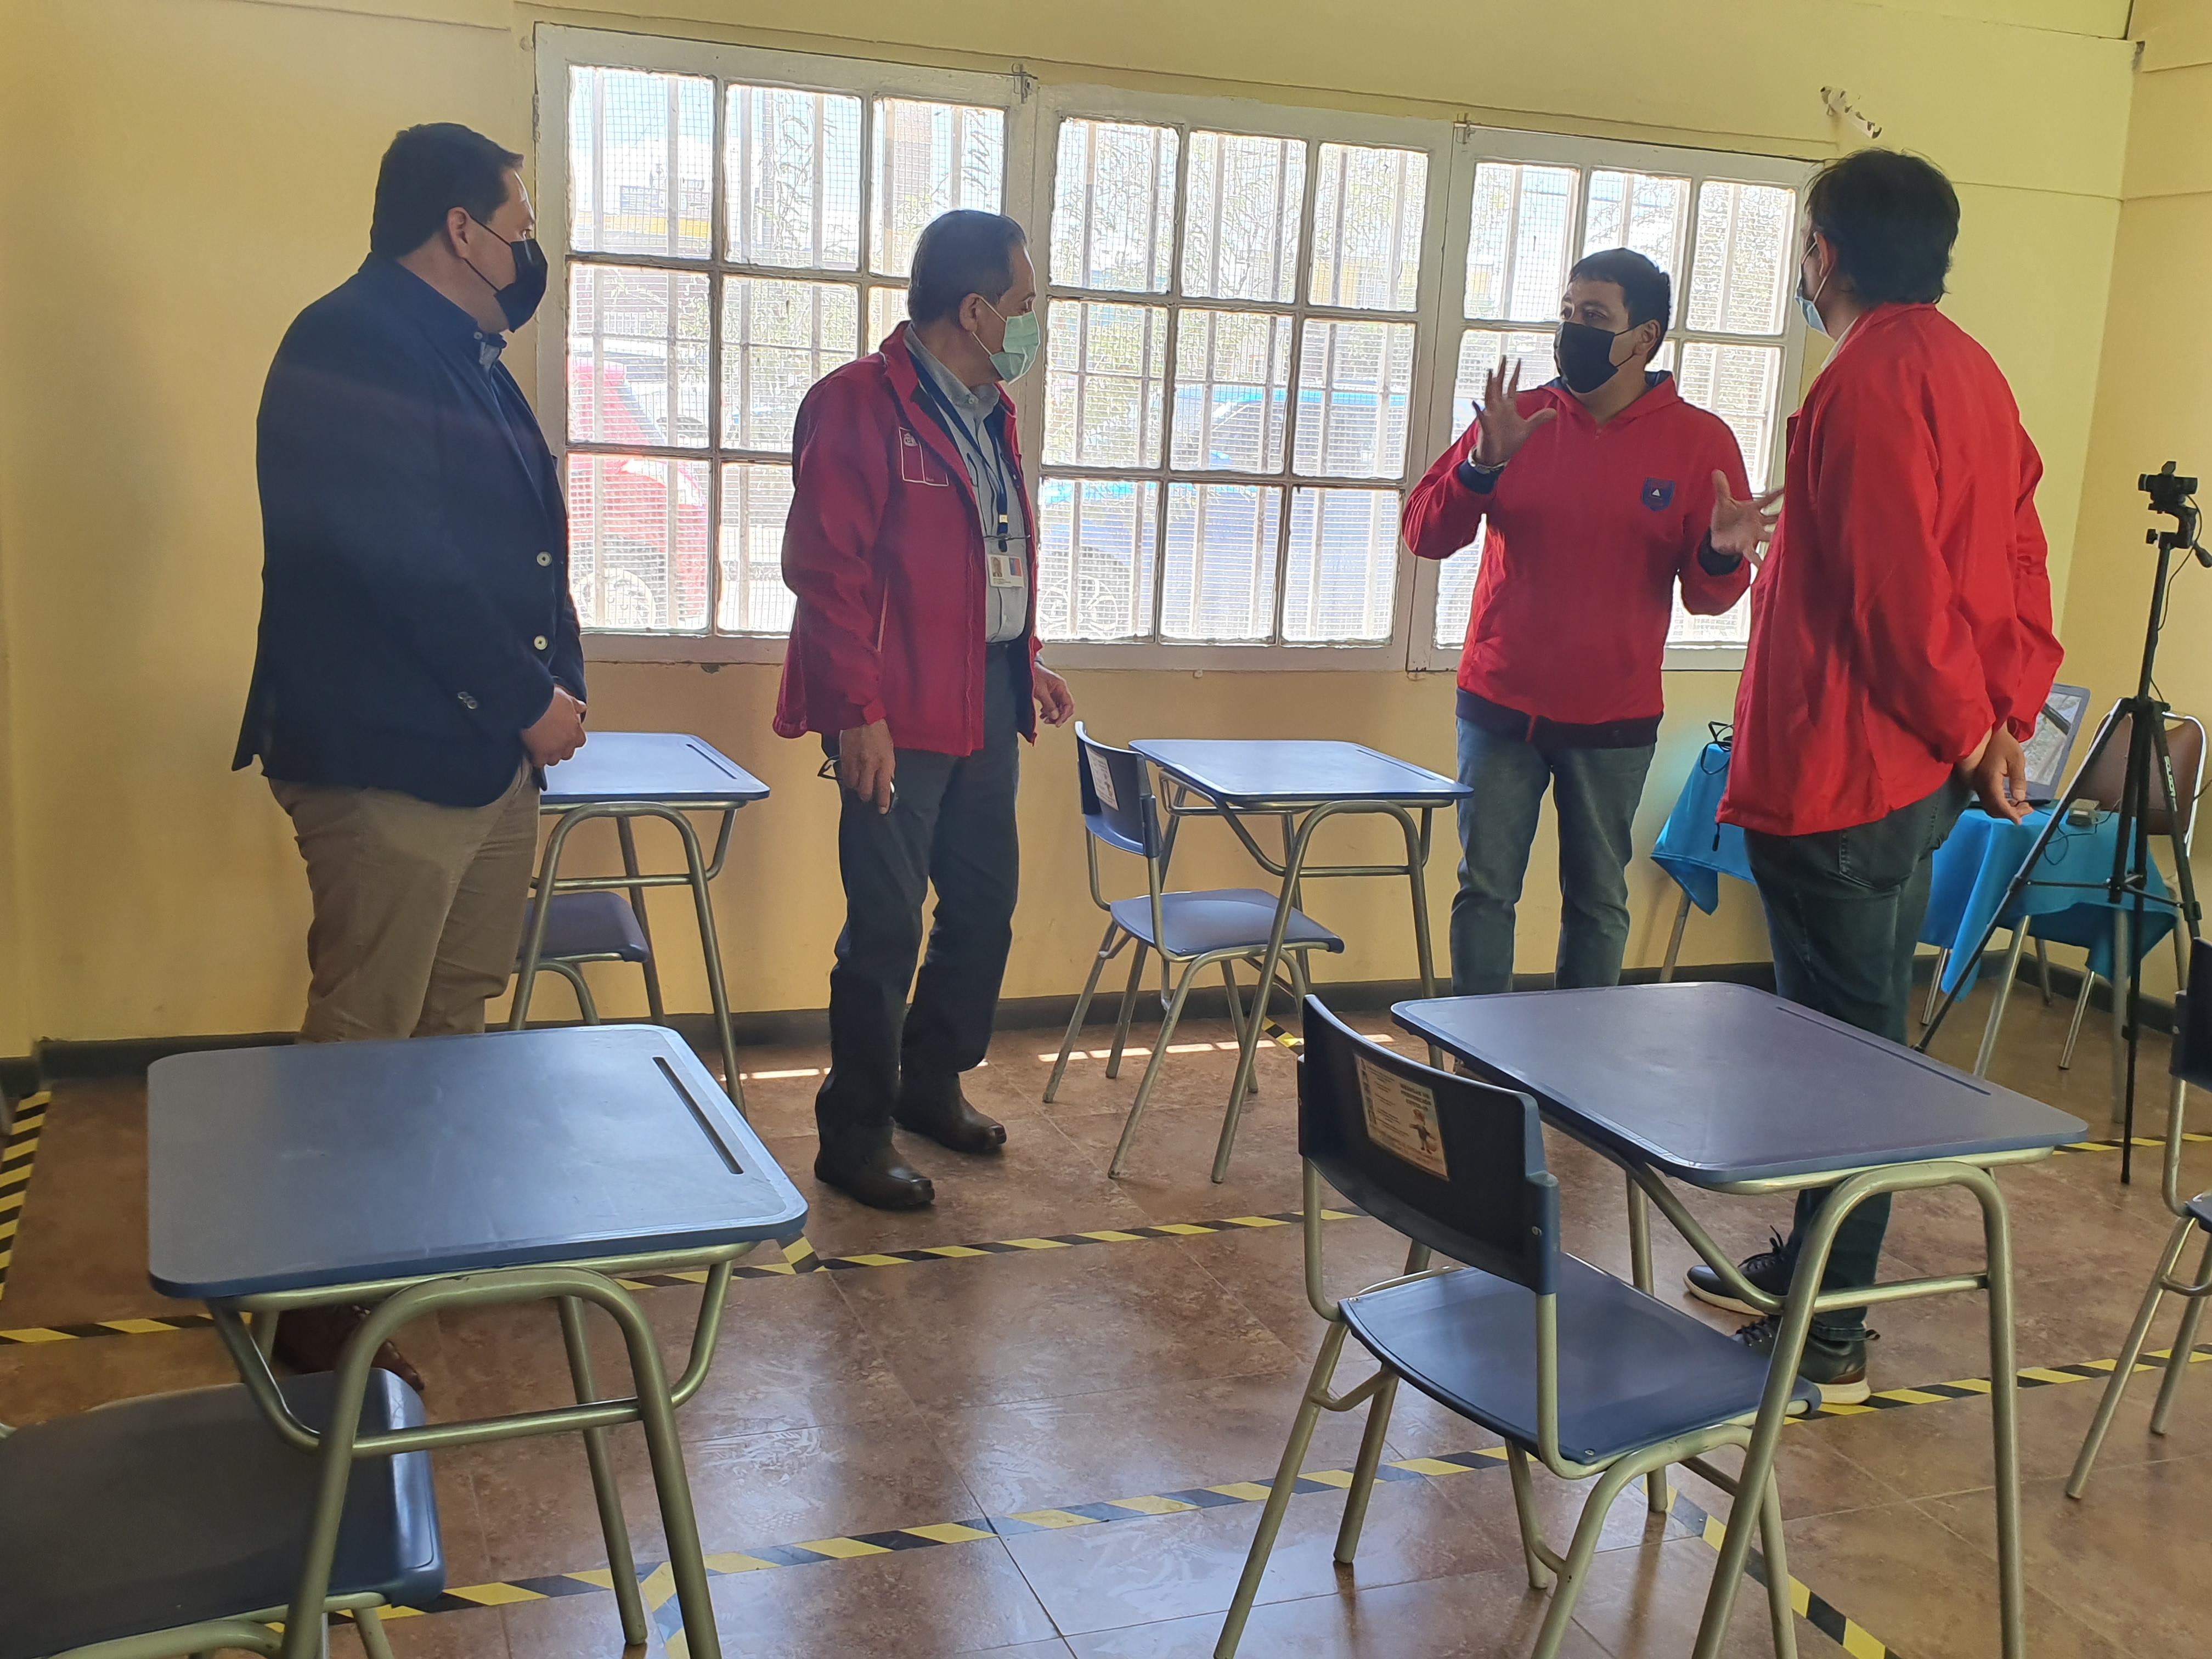 Autoridades supervisan implementación de protocolos en establecimientos educacionales para el inicio del año escolar